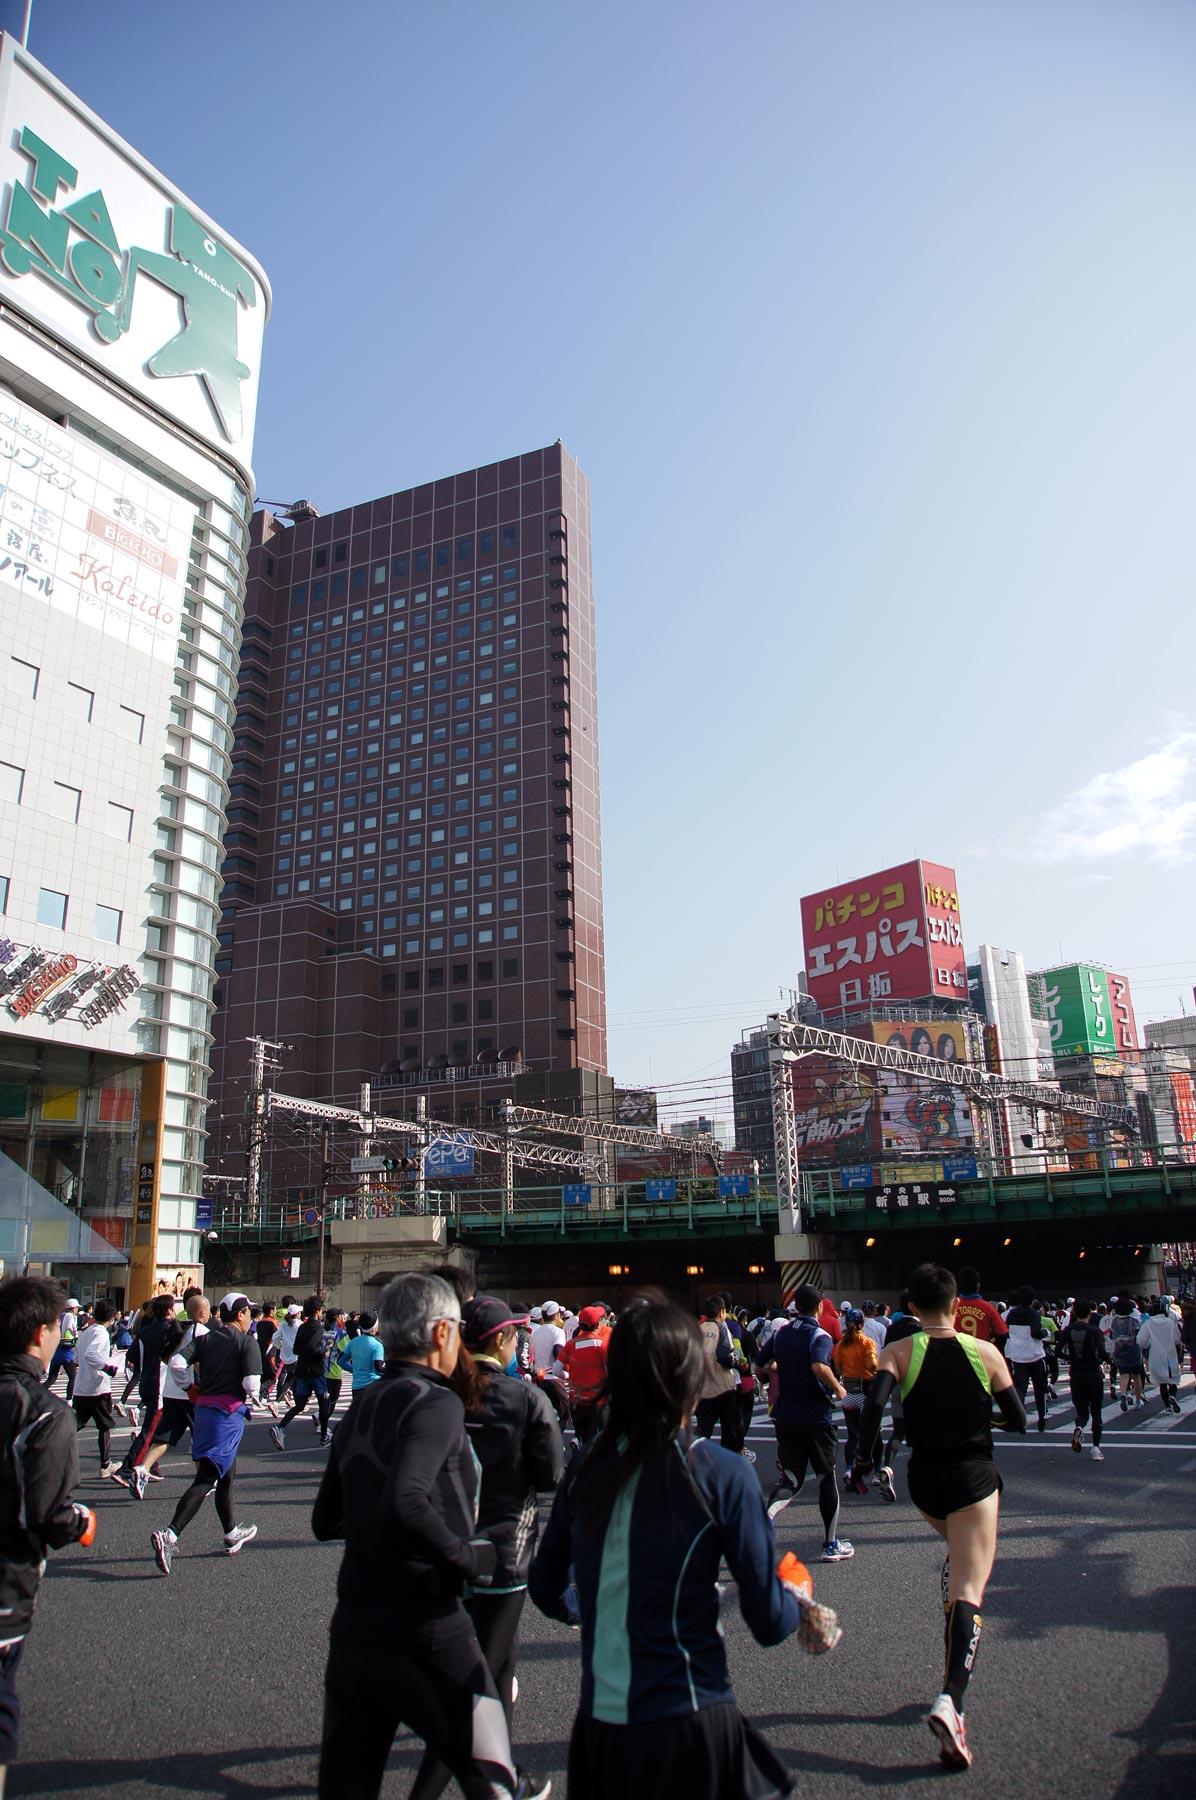 歌舞伎町 東京マラソン_e0216133_22542154.jpg